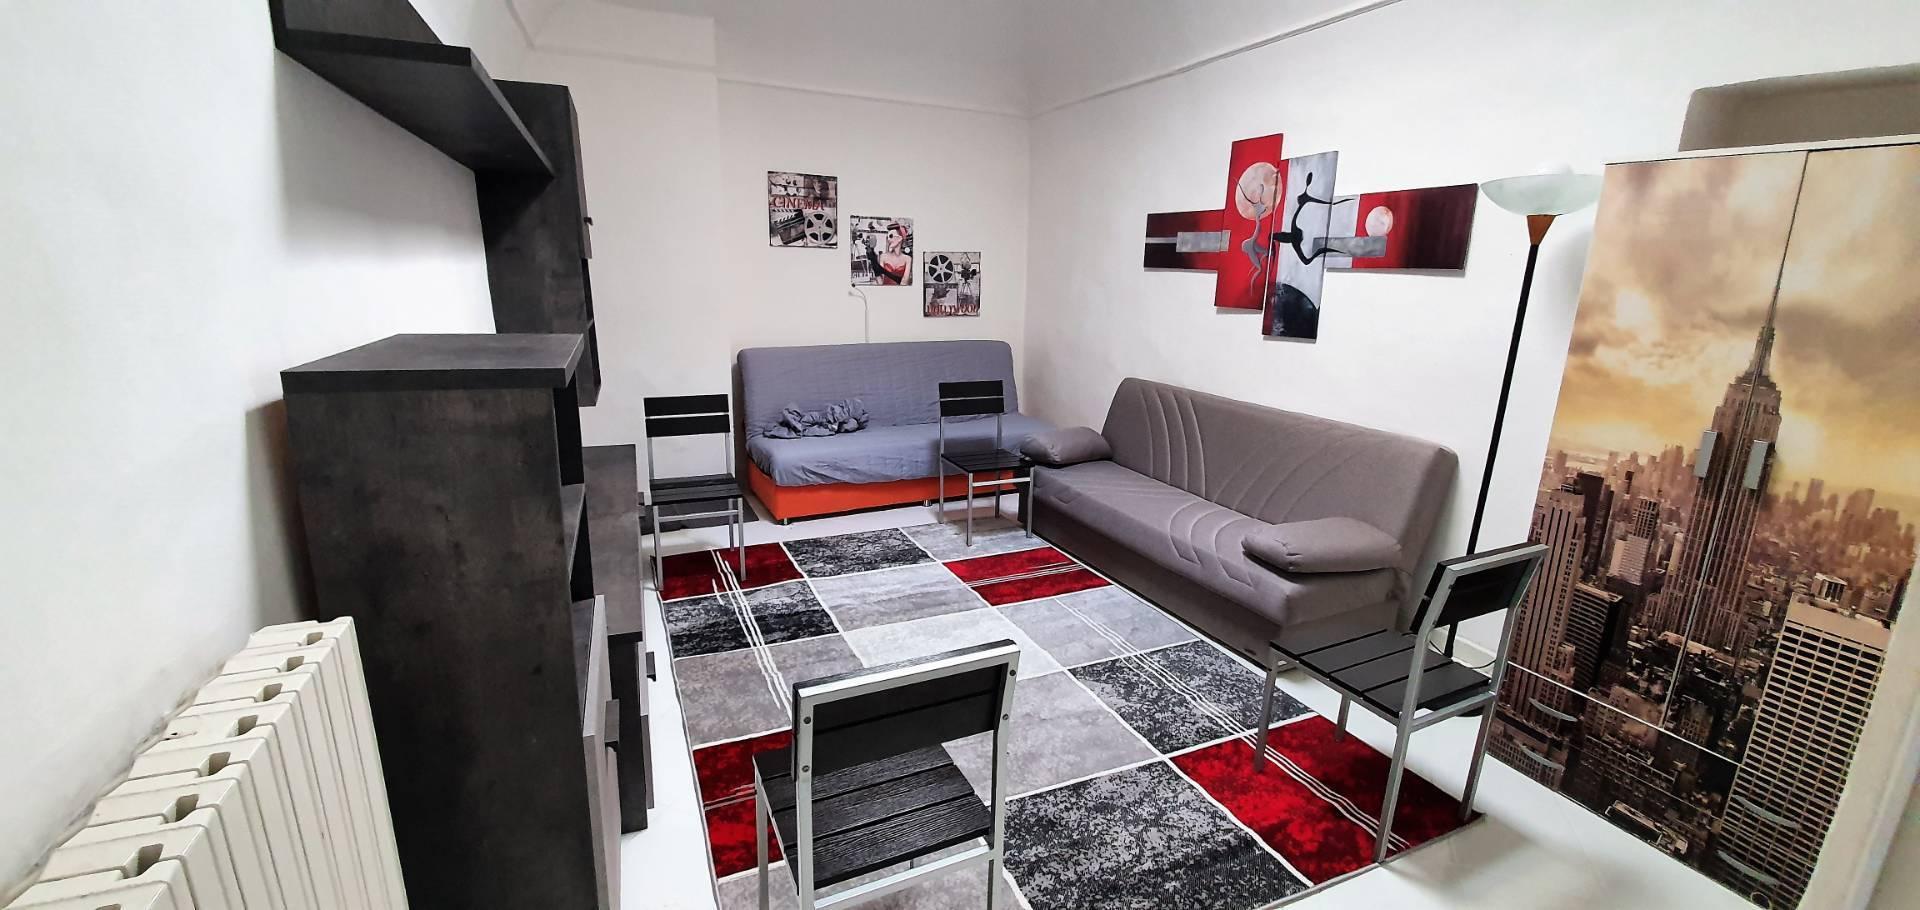 Appartamento in affitto a Alessandria, 3 locali, zona Località: Centro-P.zzaGaribaldi, prezzo € 350 | PortaleAgenzieImmobiliari.it